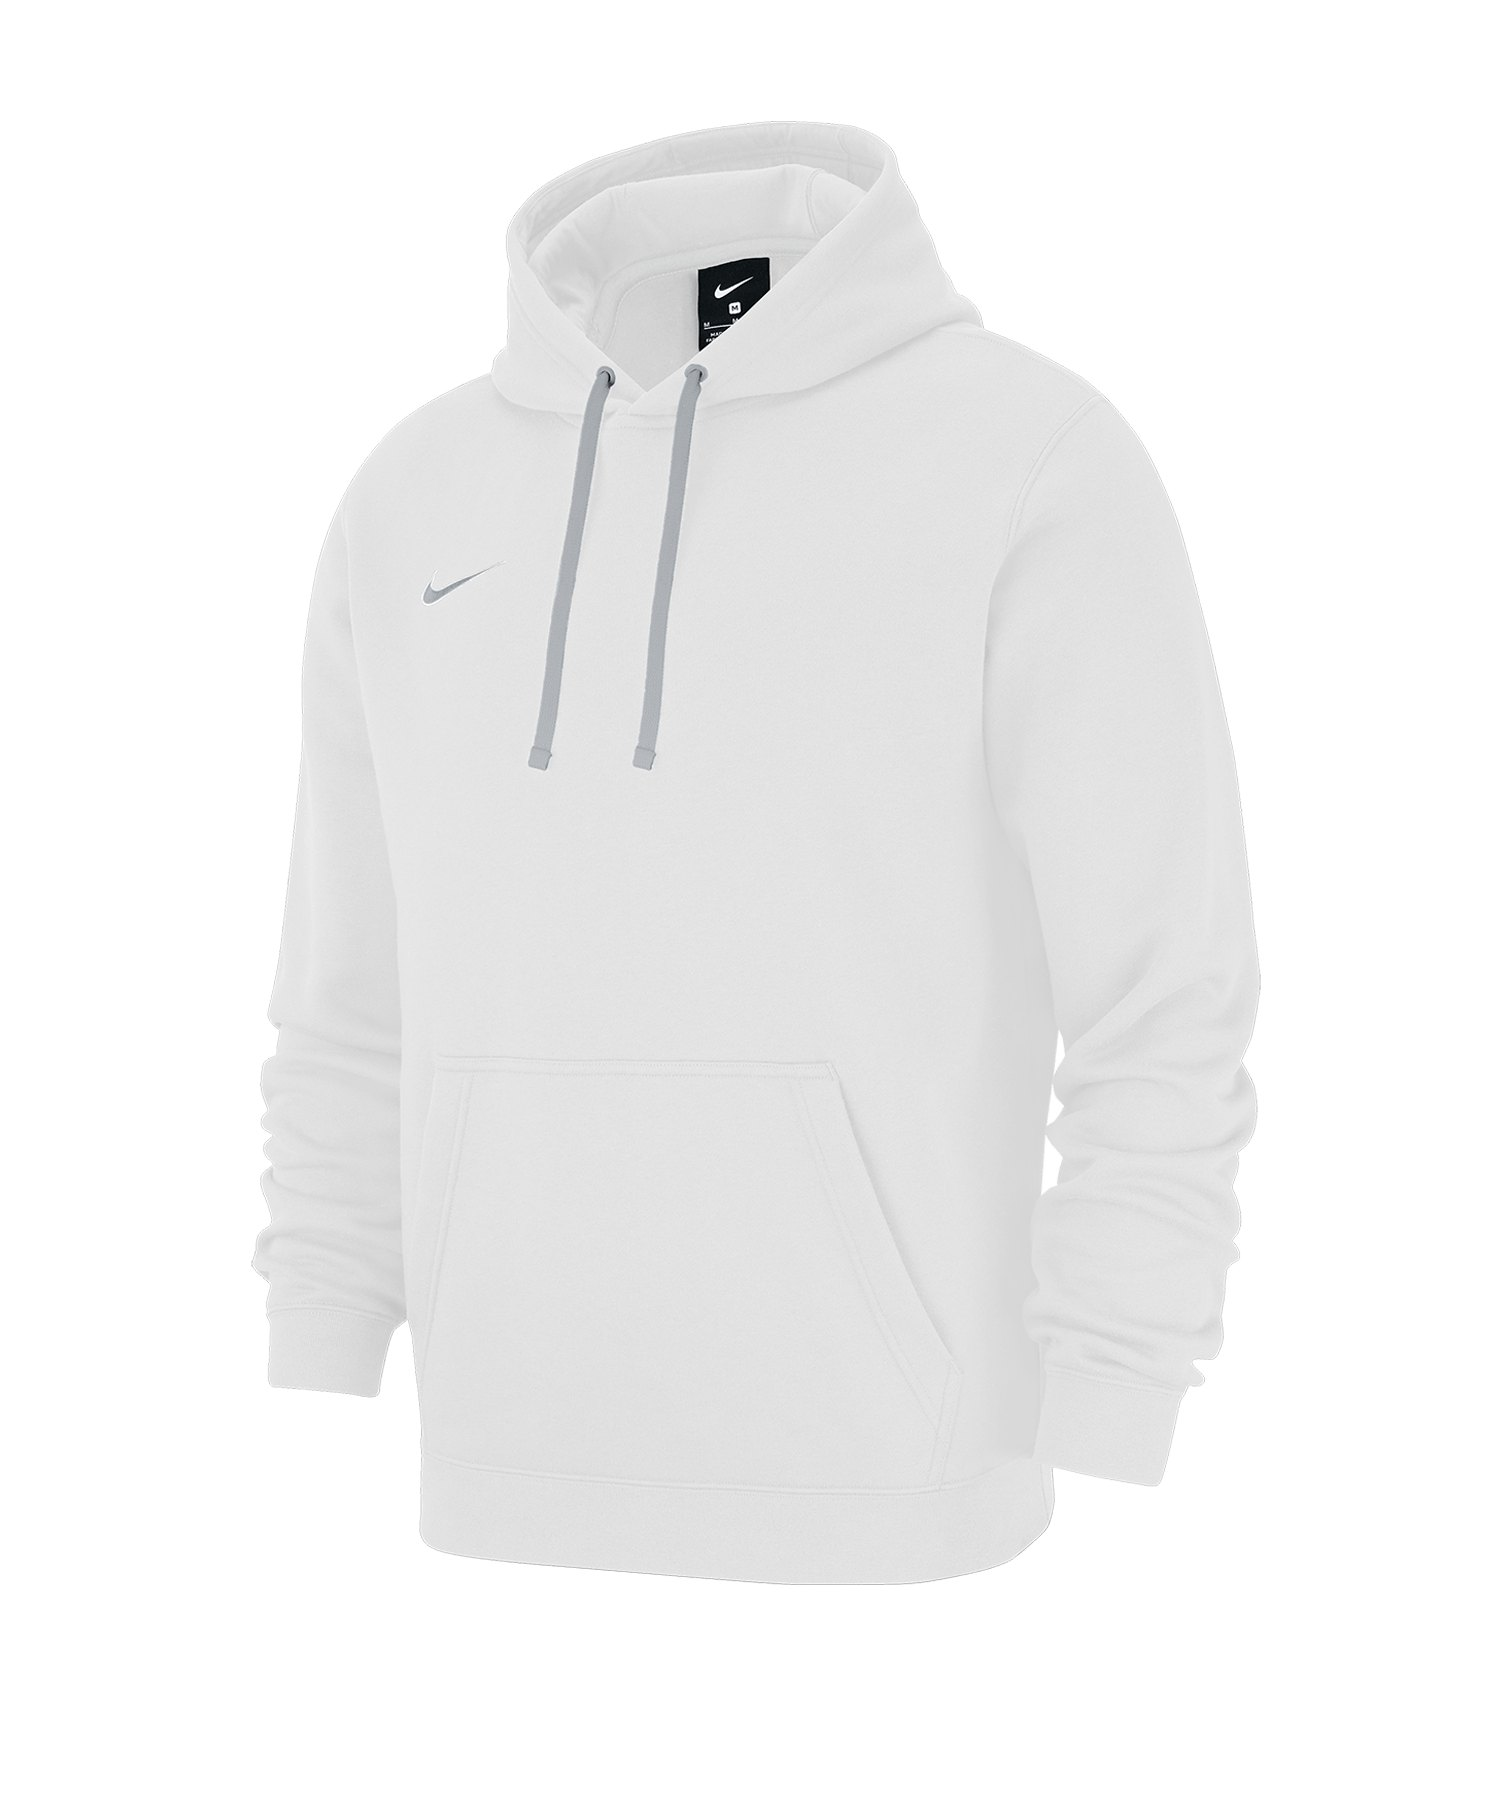 Nike Club 19 Fleece Hoody Weiss F100 - weiss